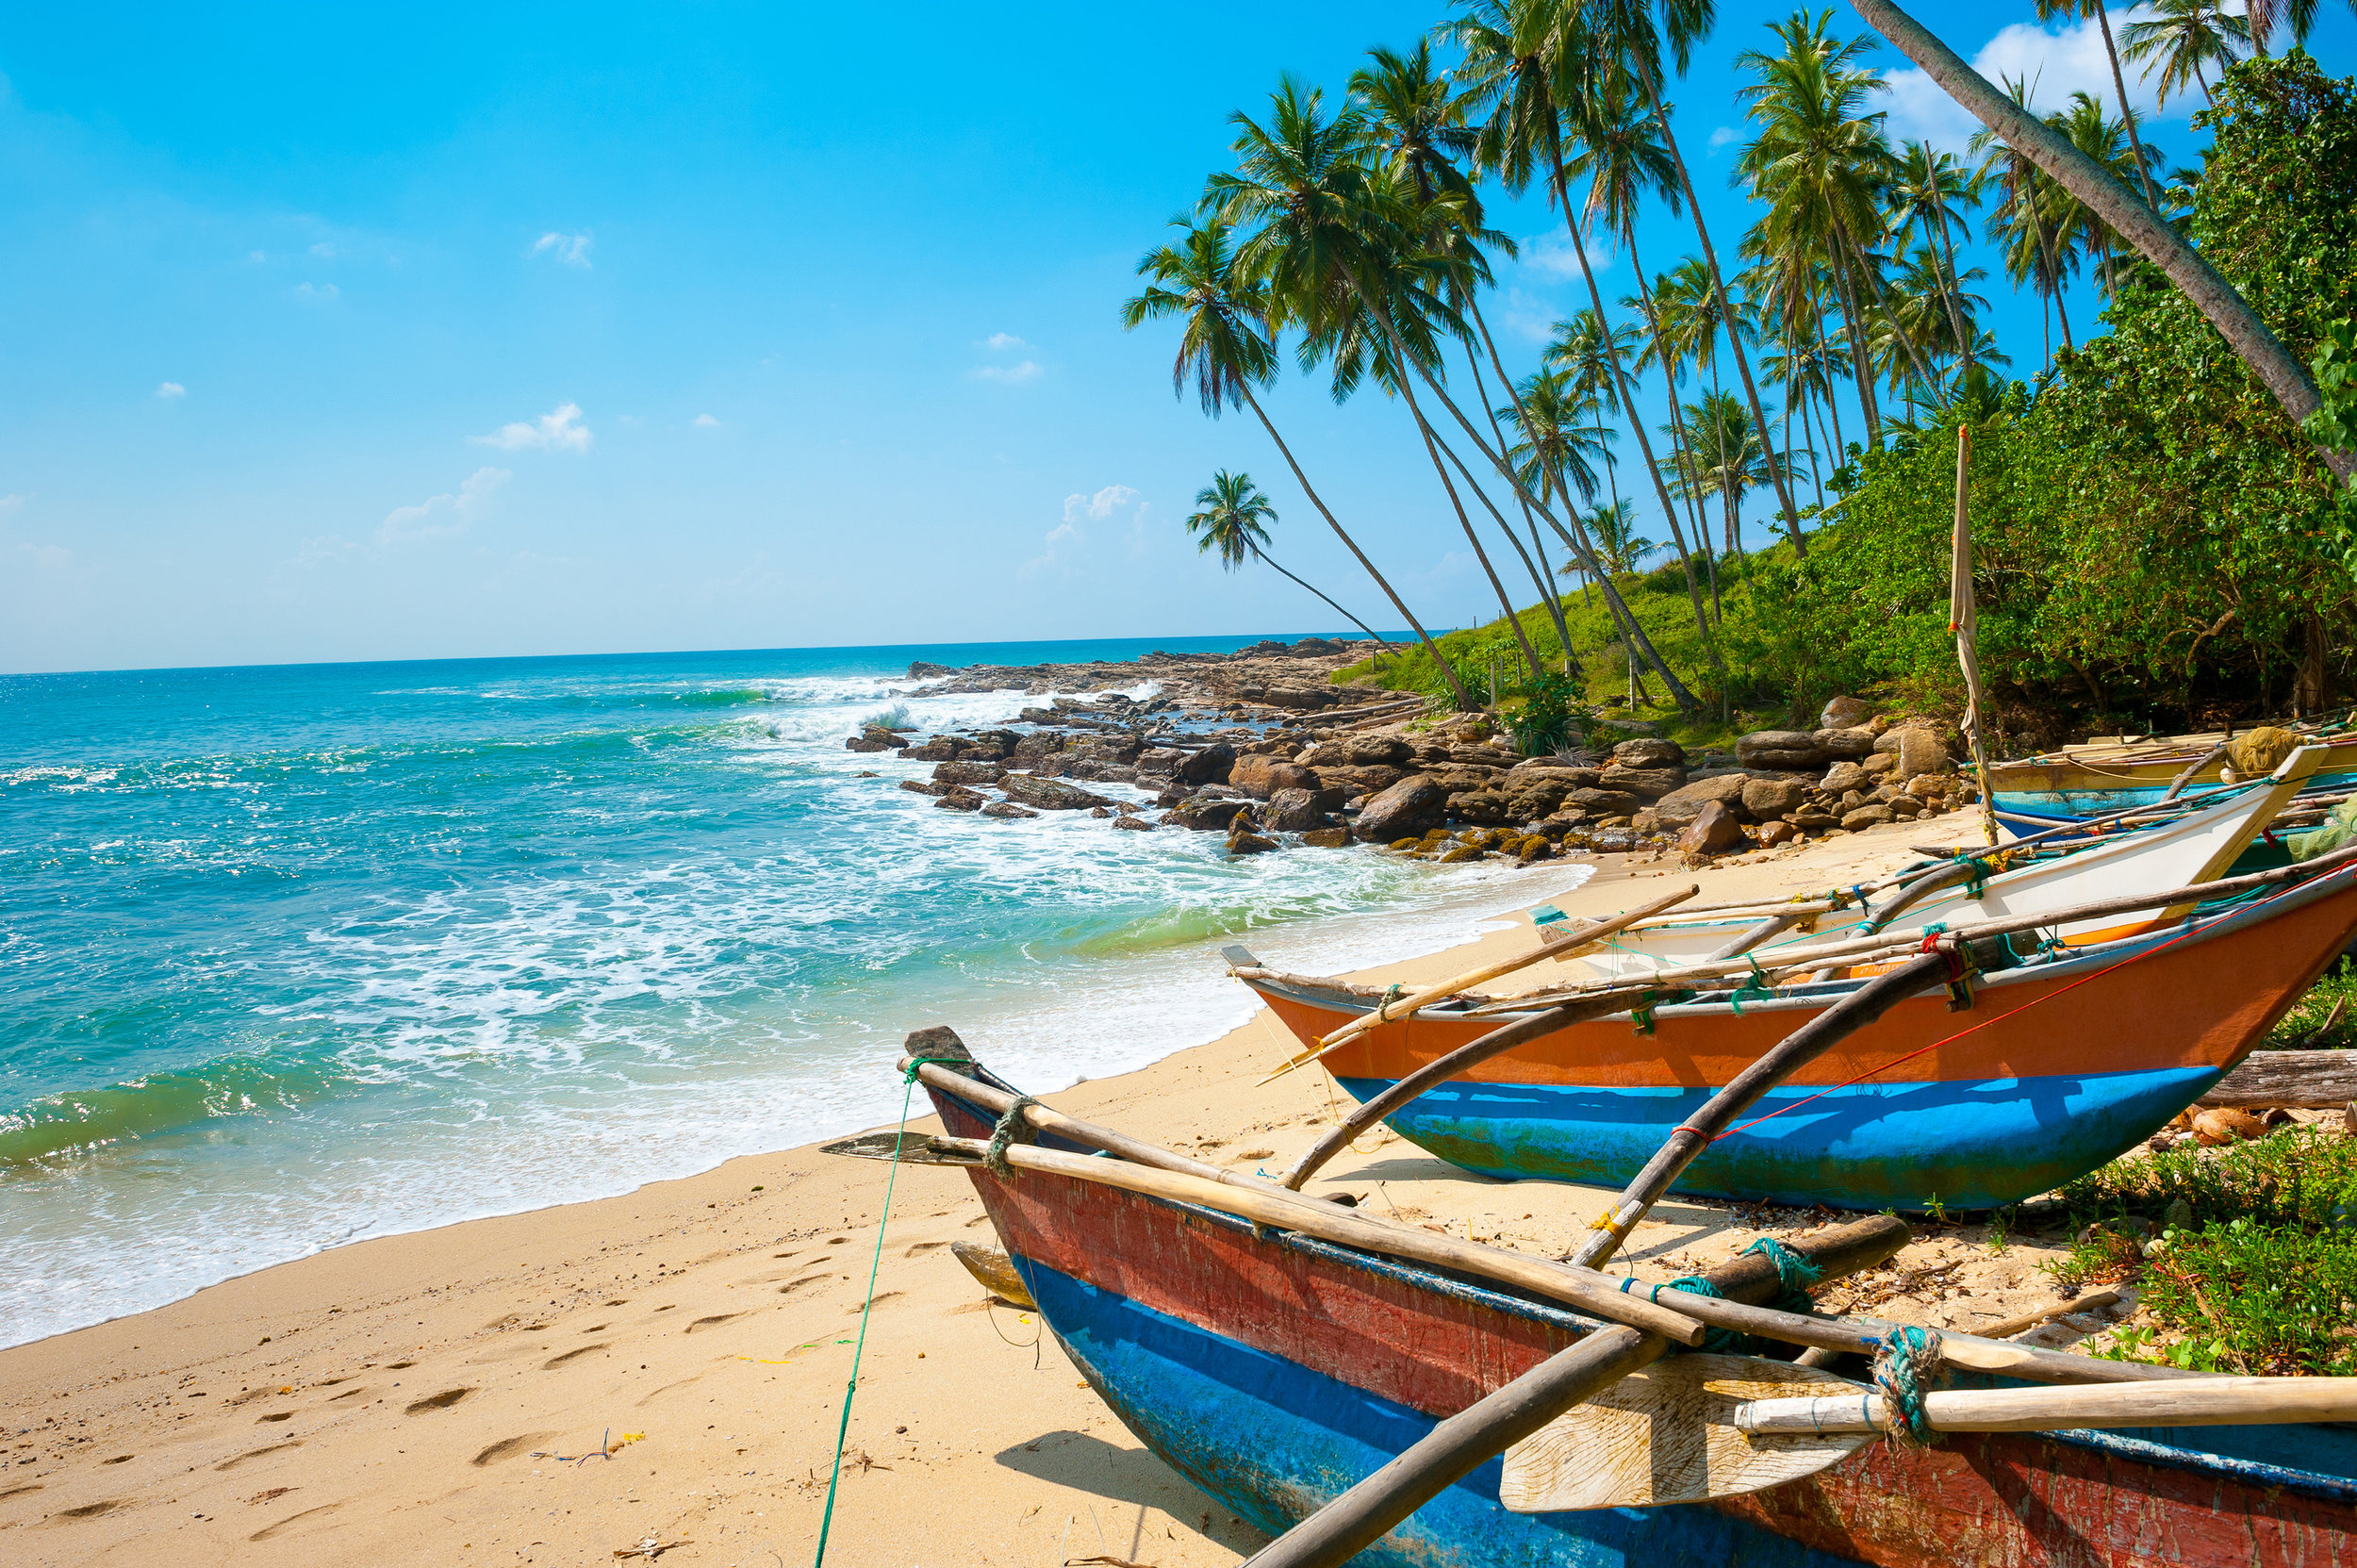 Storby og strandferie   New York og Curacao  Reiseforslag: 14 netter